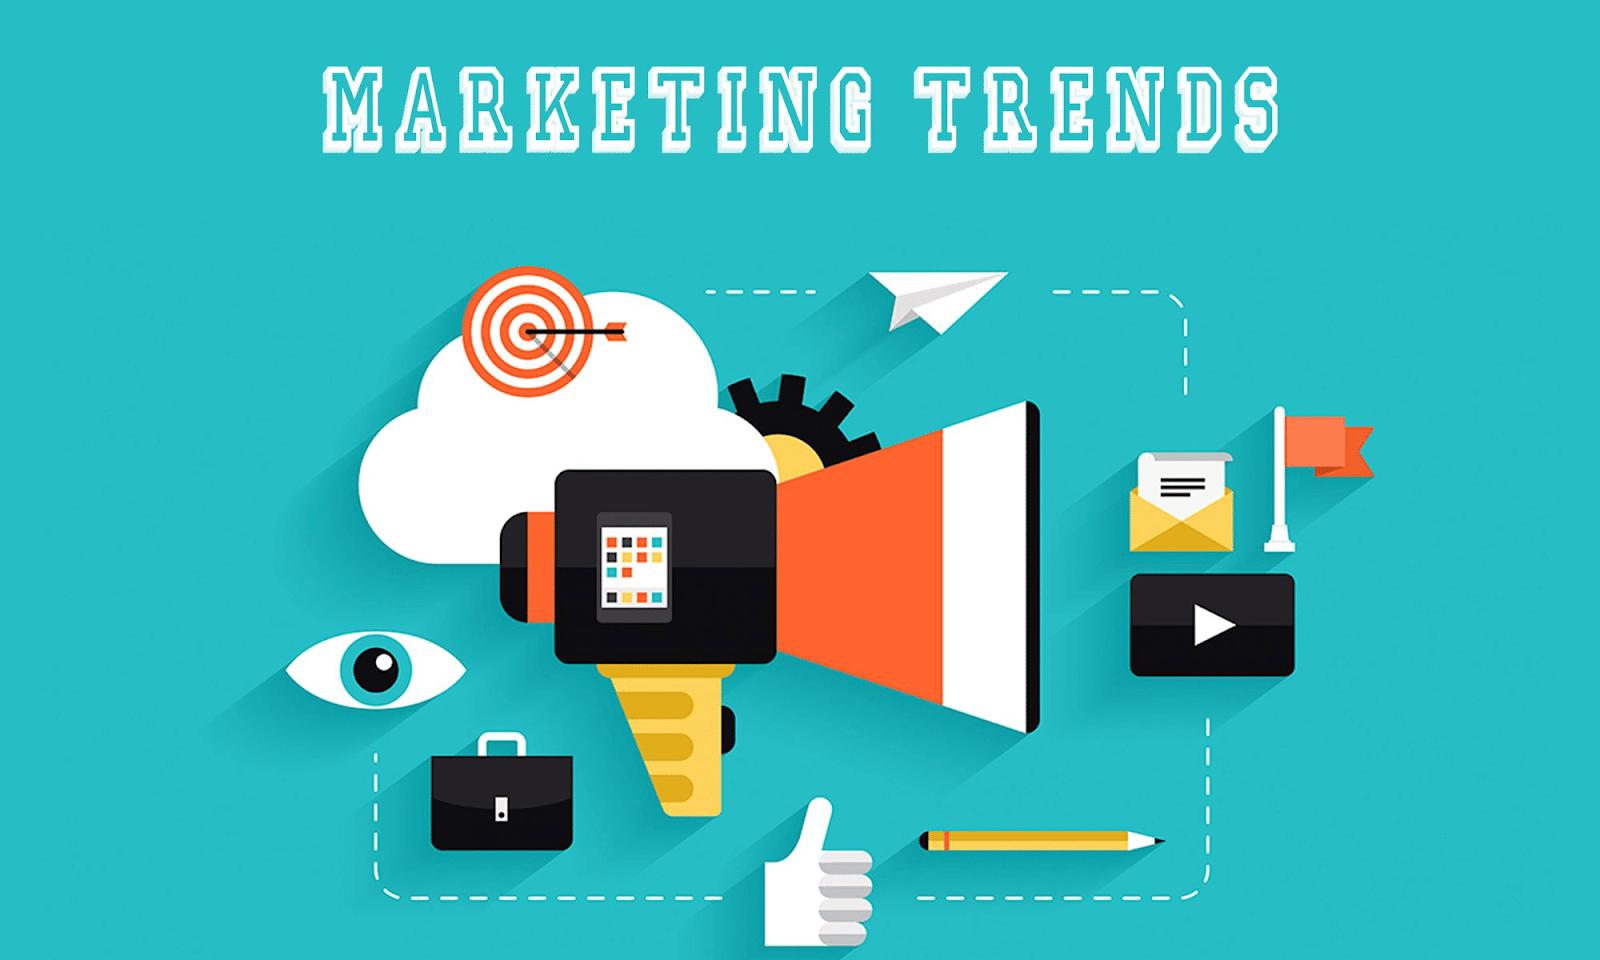 Theo thực tế công ty có nhiều phương thức đa dạng trong việc marketing với người tiêu dùng